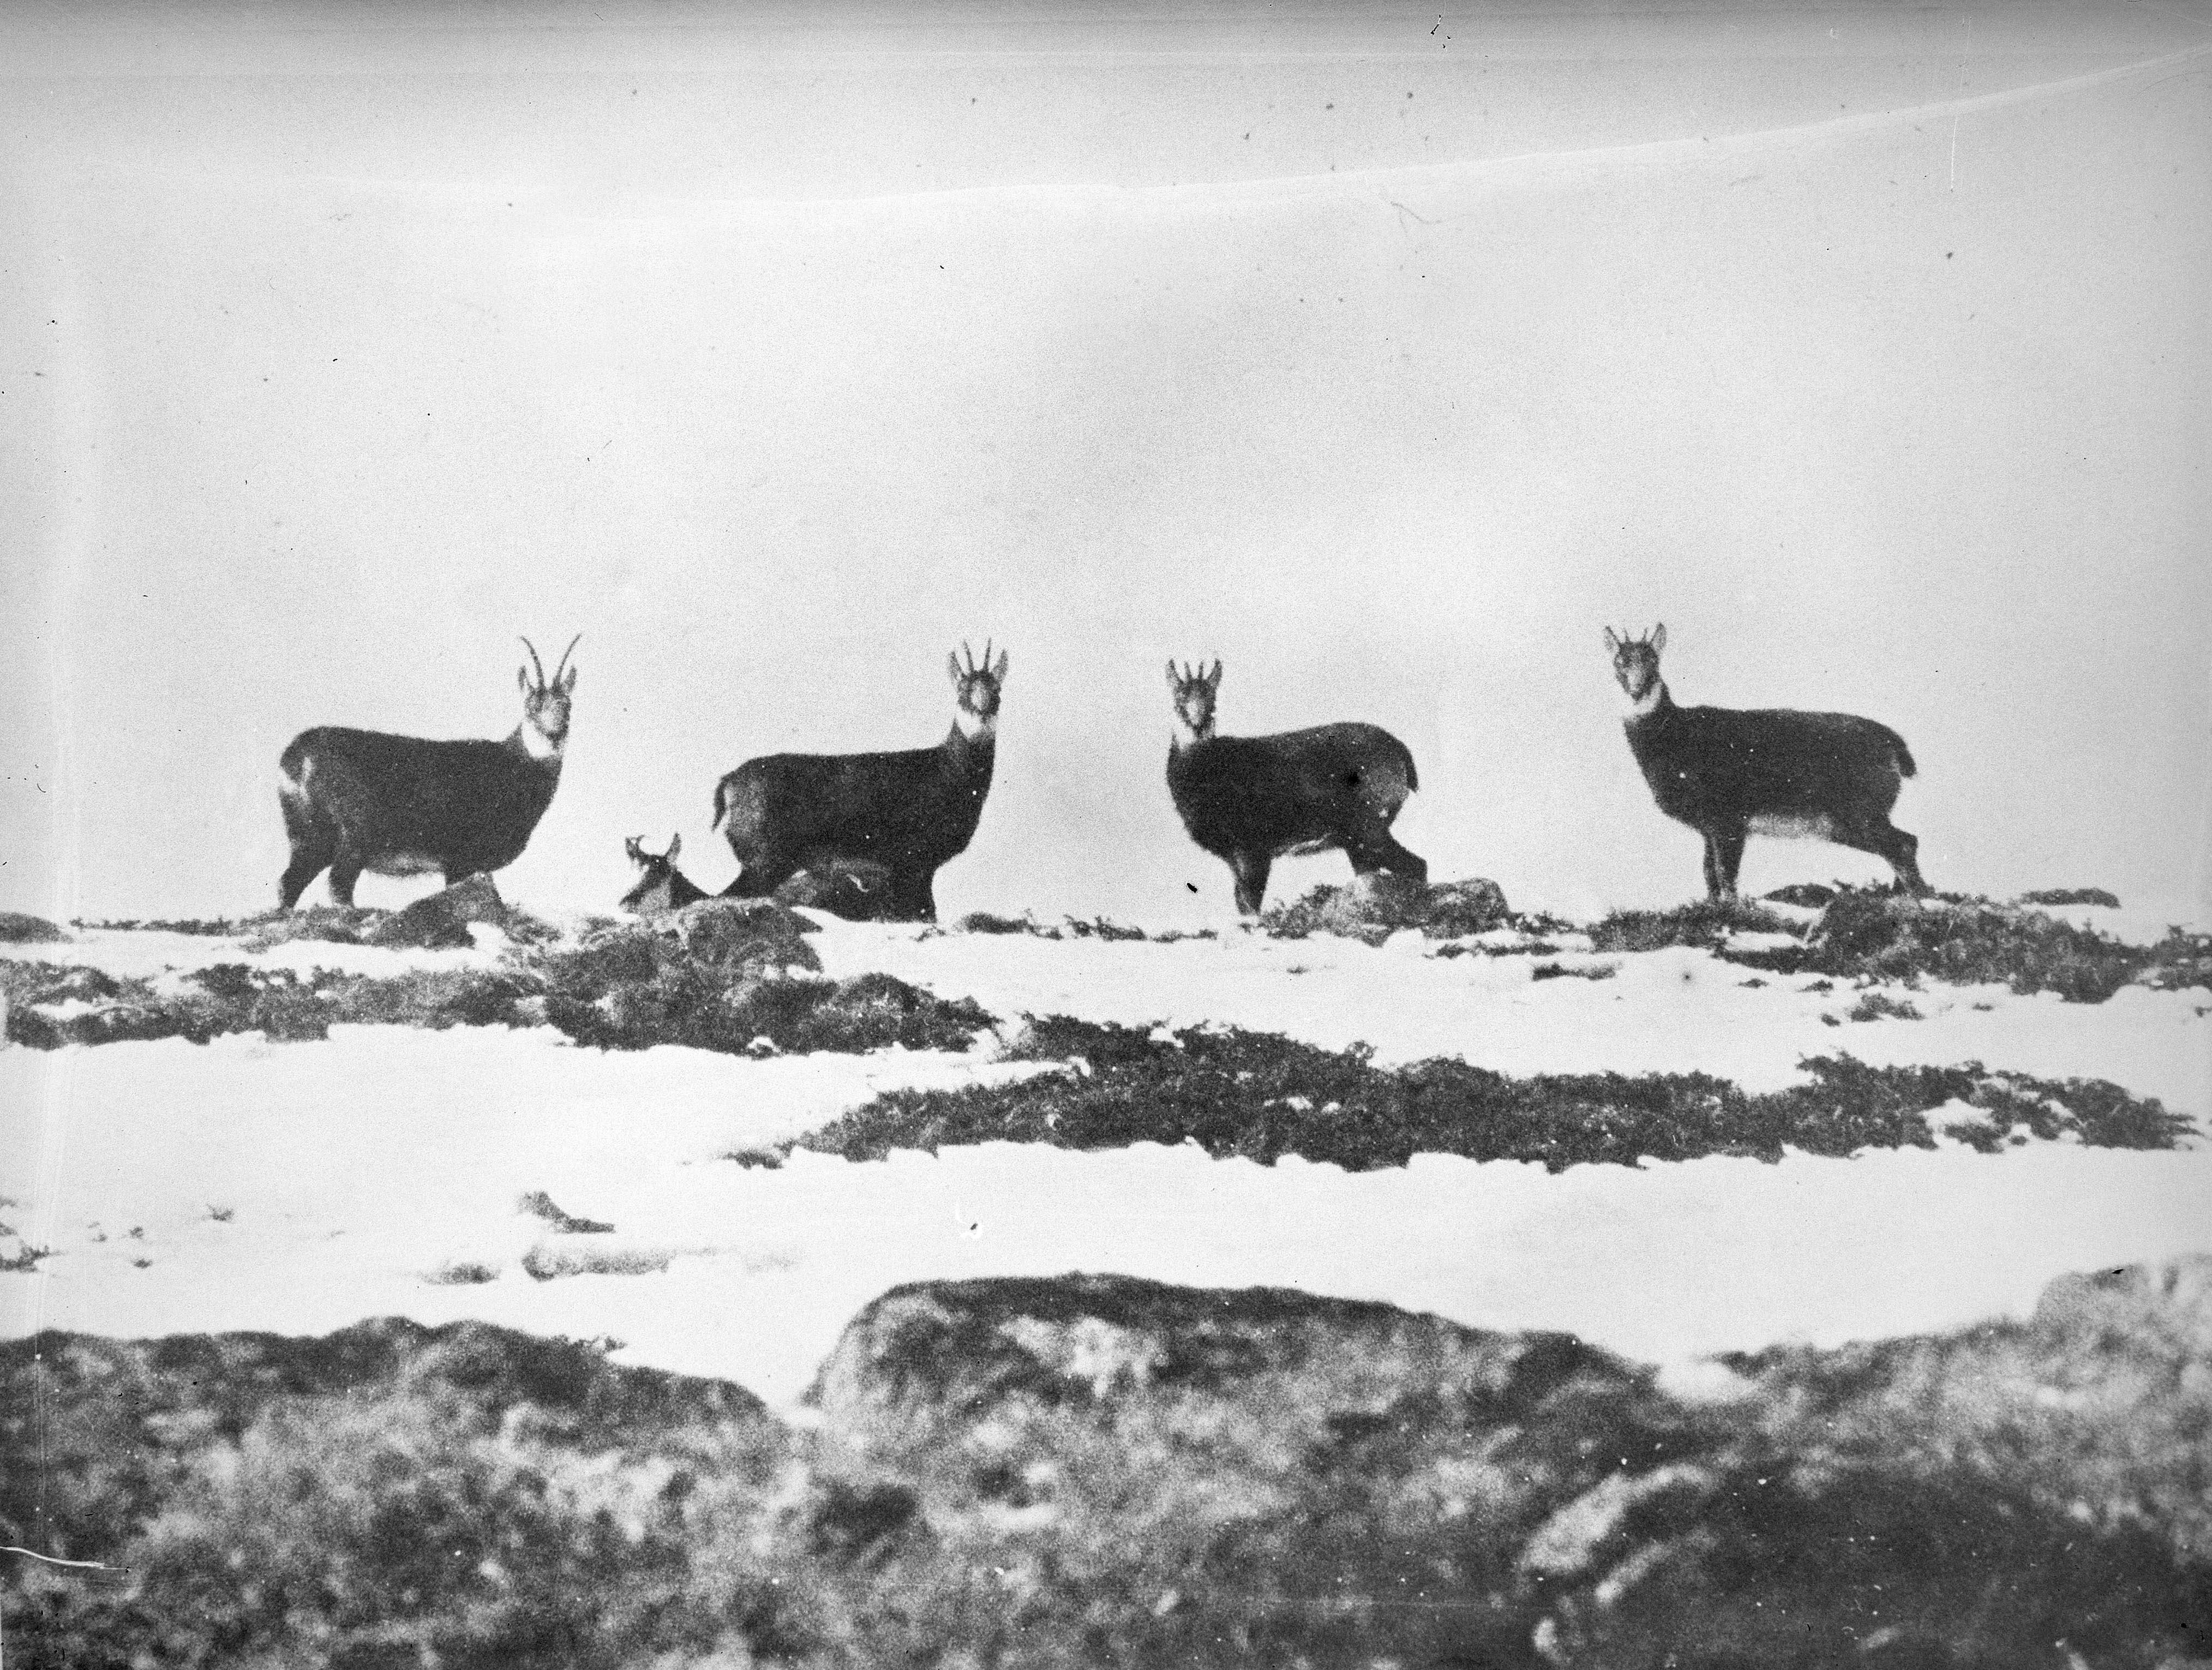 羚羊在国家公园中从未绝迹,自1920年这里一直生活着1000-1700只羚羊。